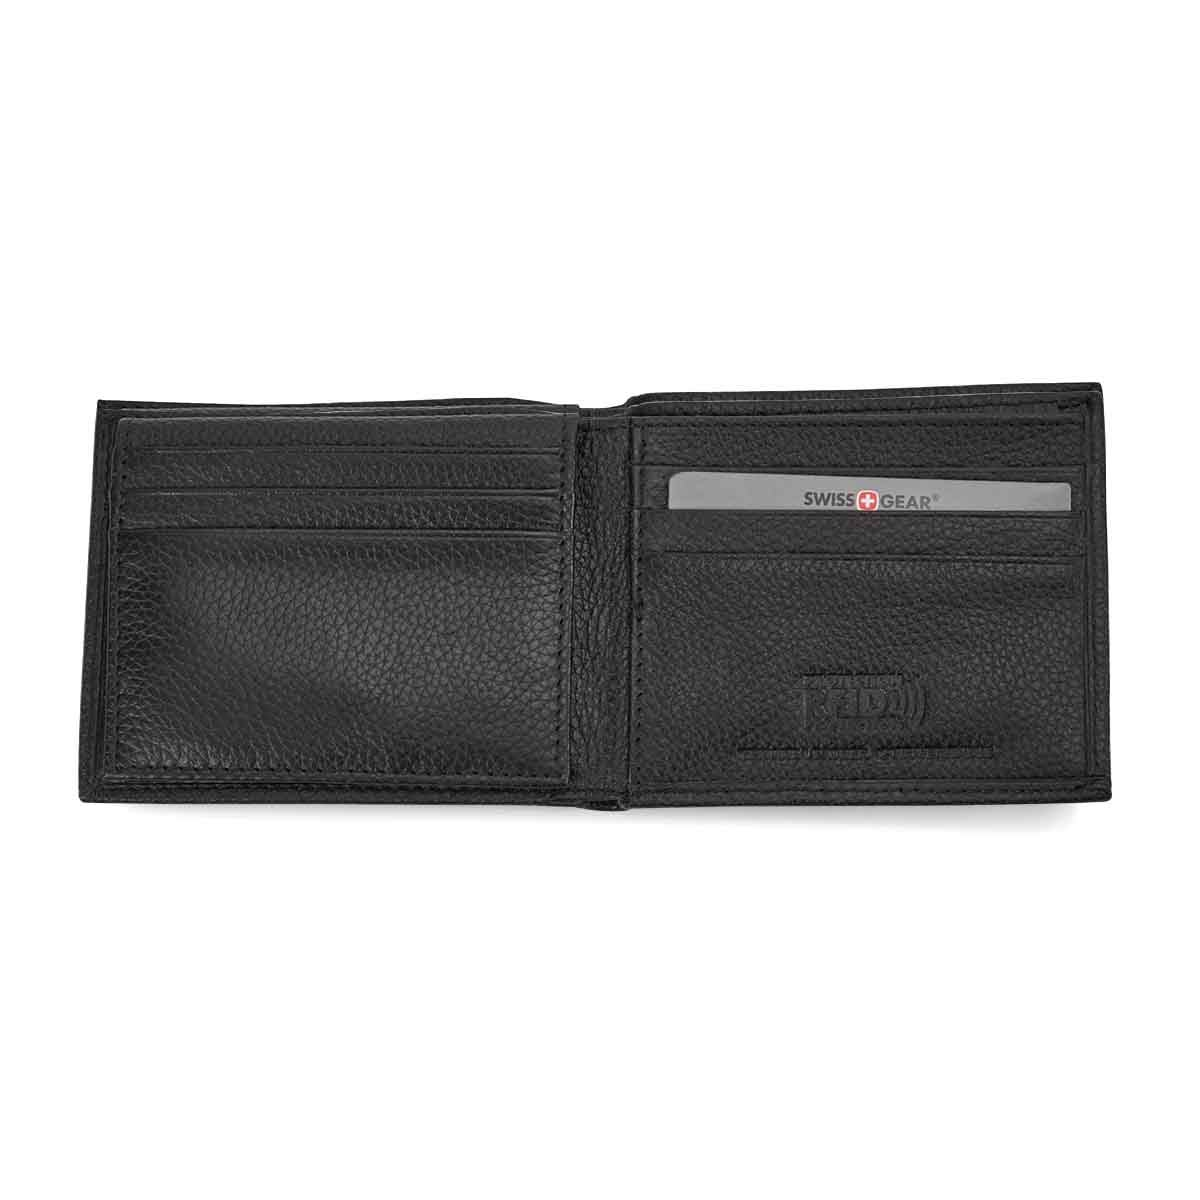 Mns black RFID w/ID flap billfold